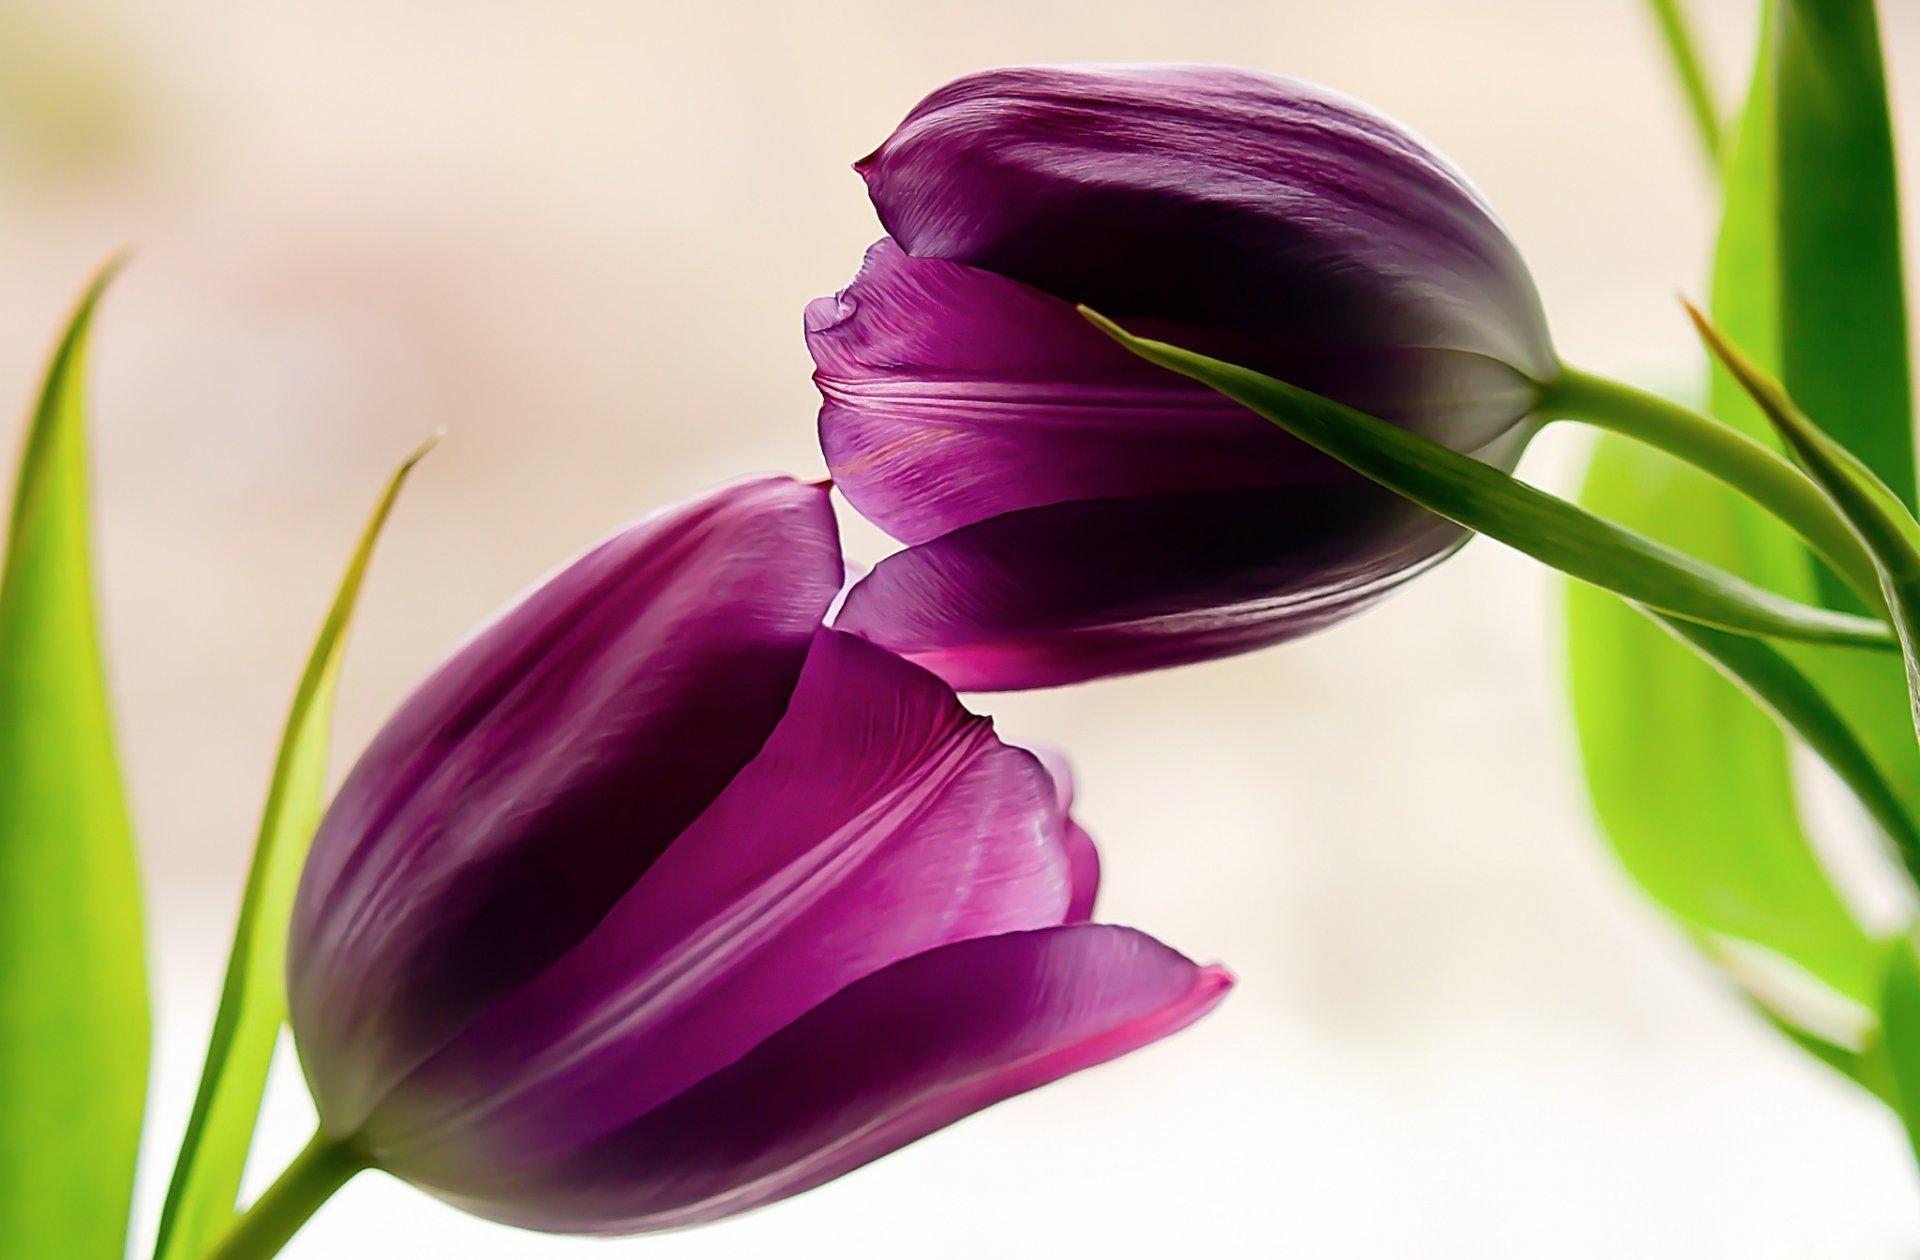 любителей фото сиреневых тюльпанов высокого разрешения магазинов